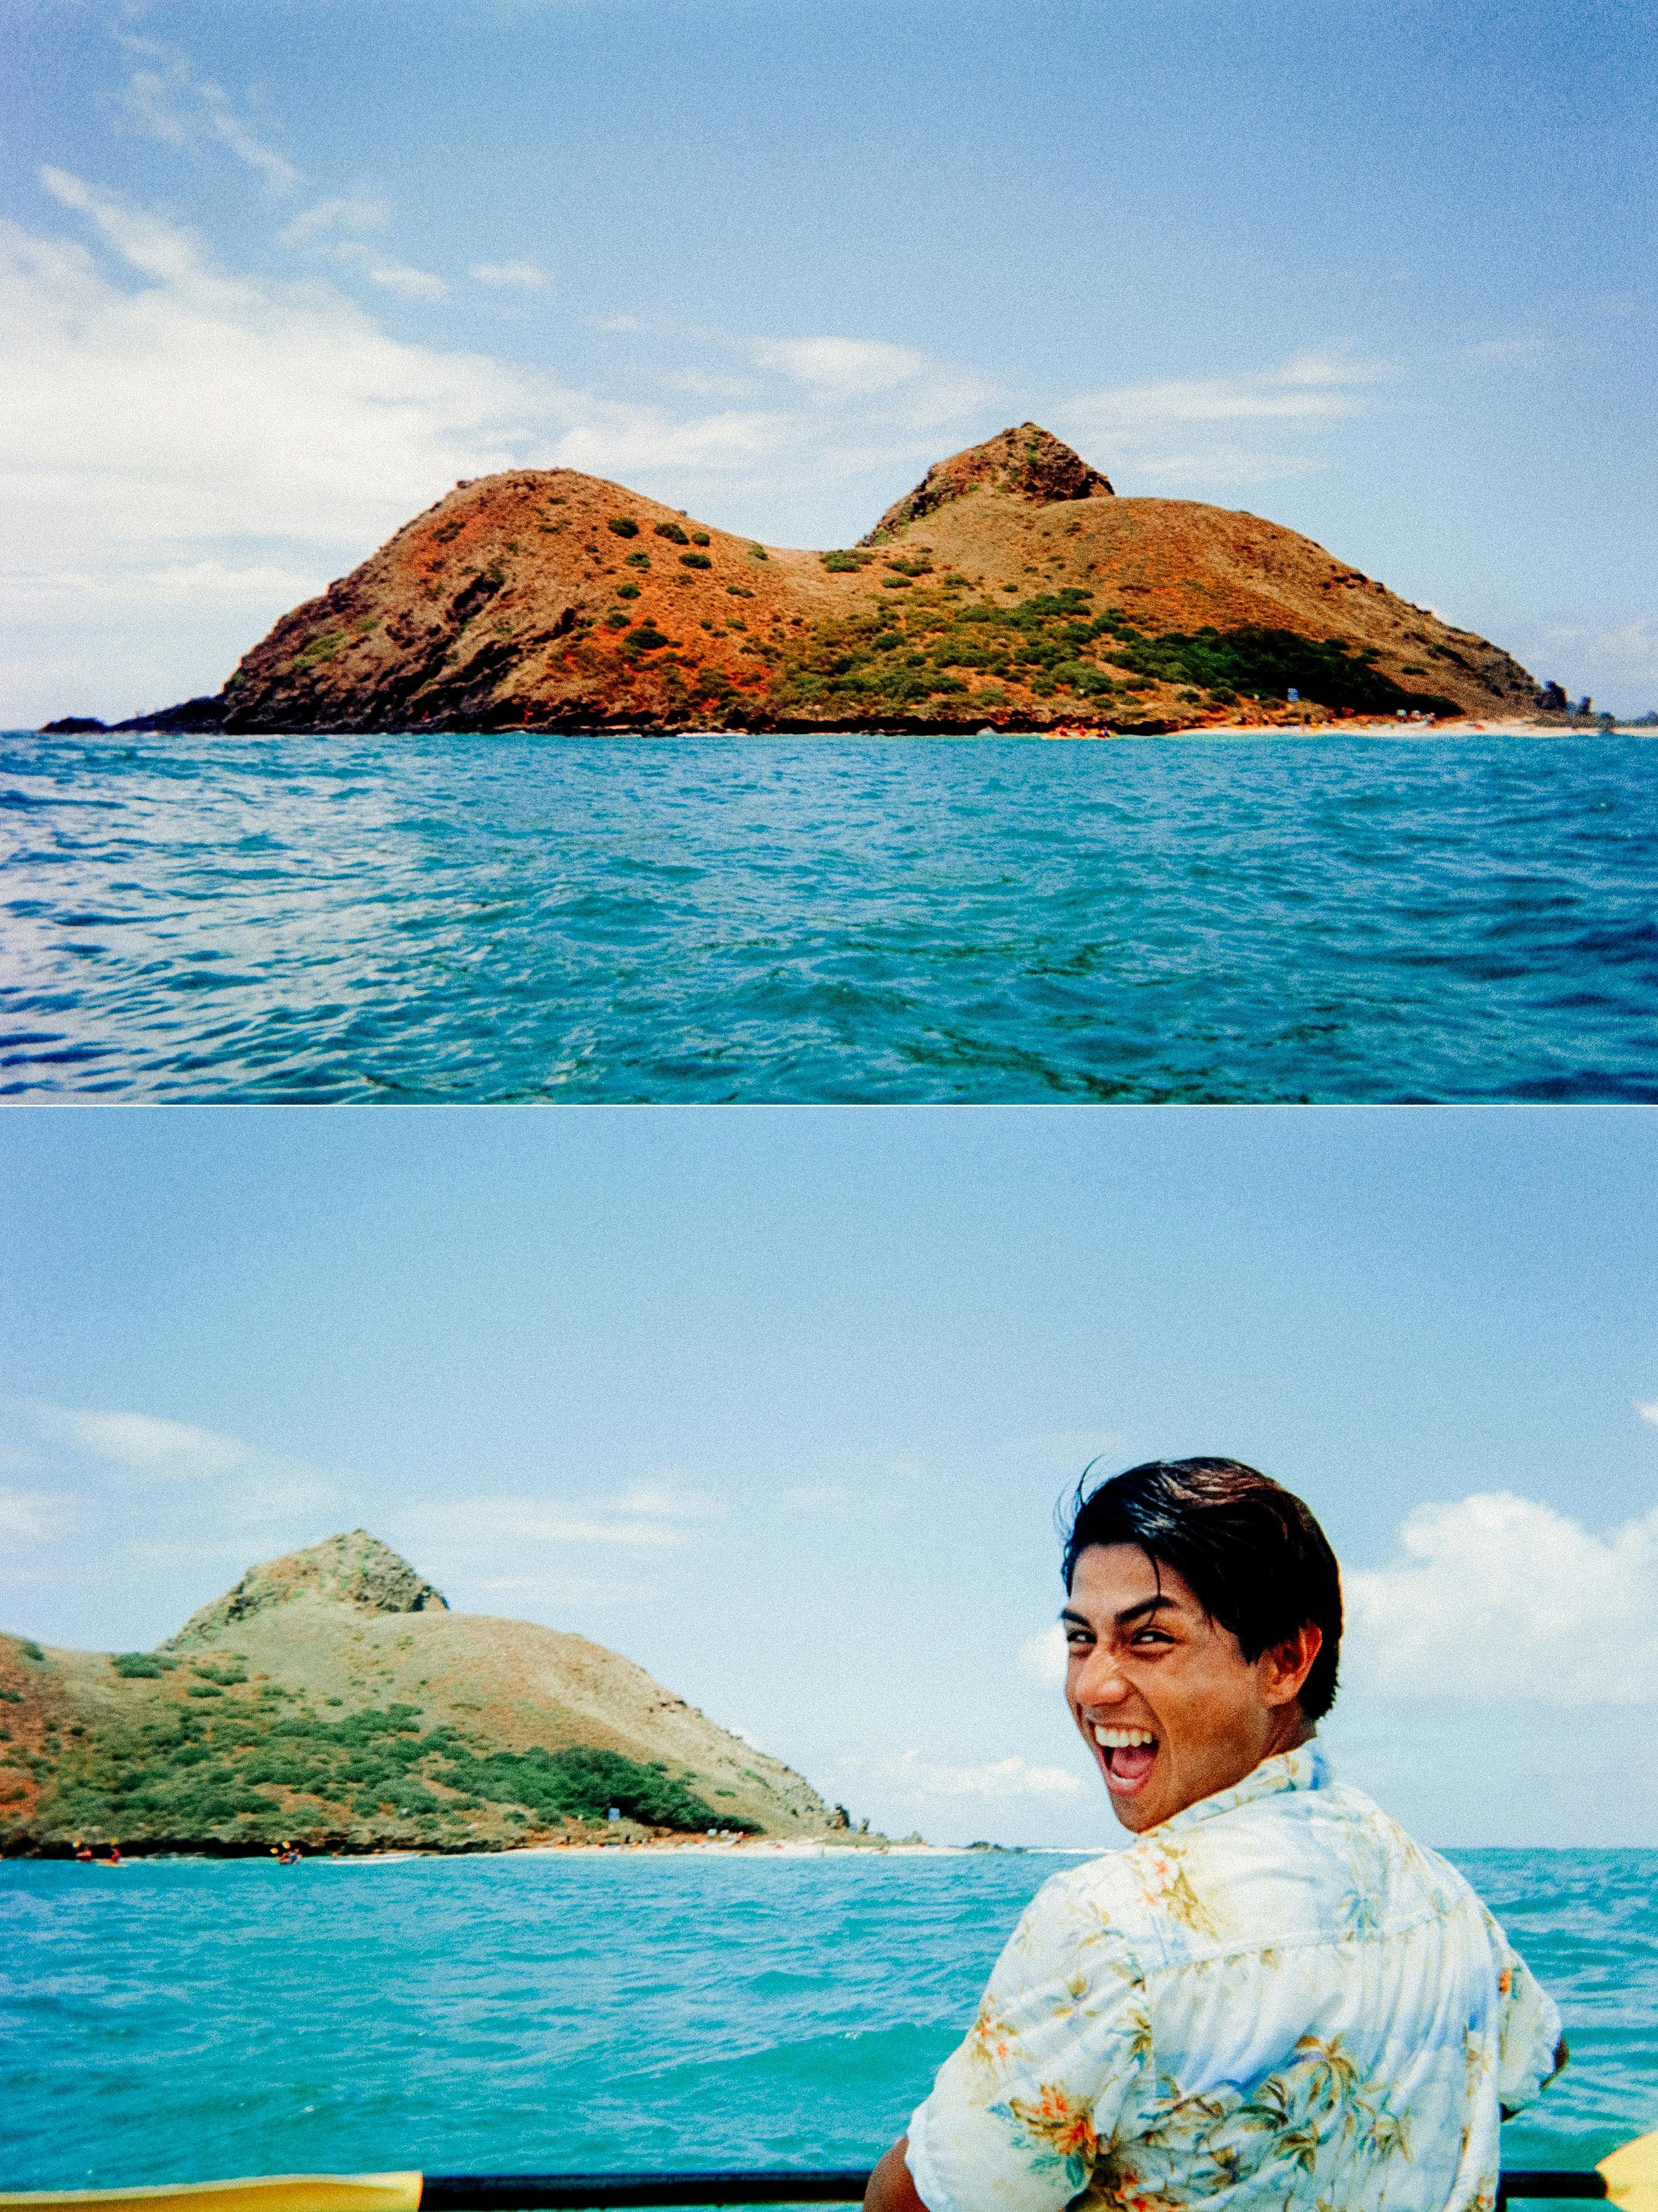 Kayaking Adventure Session to Lanikai Islands